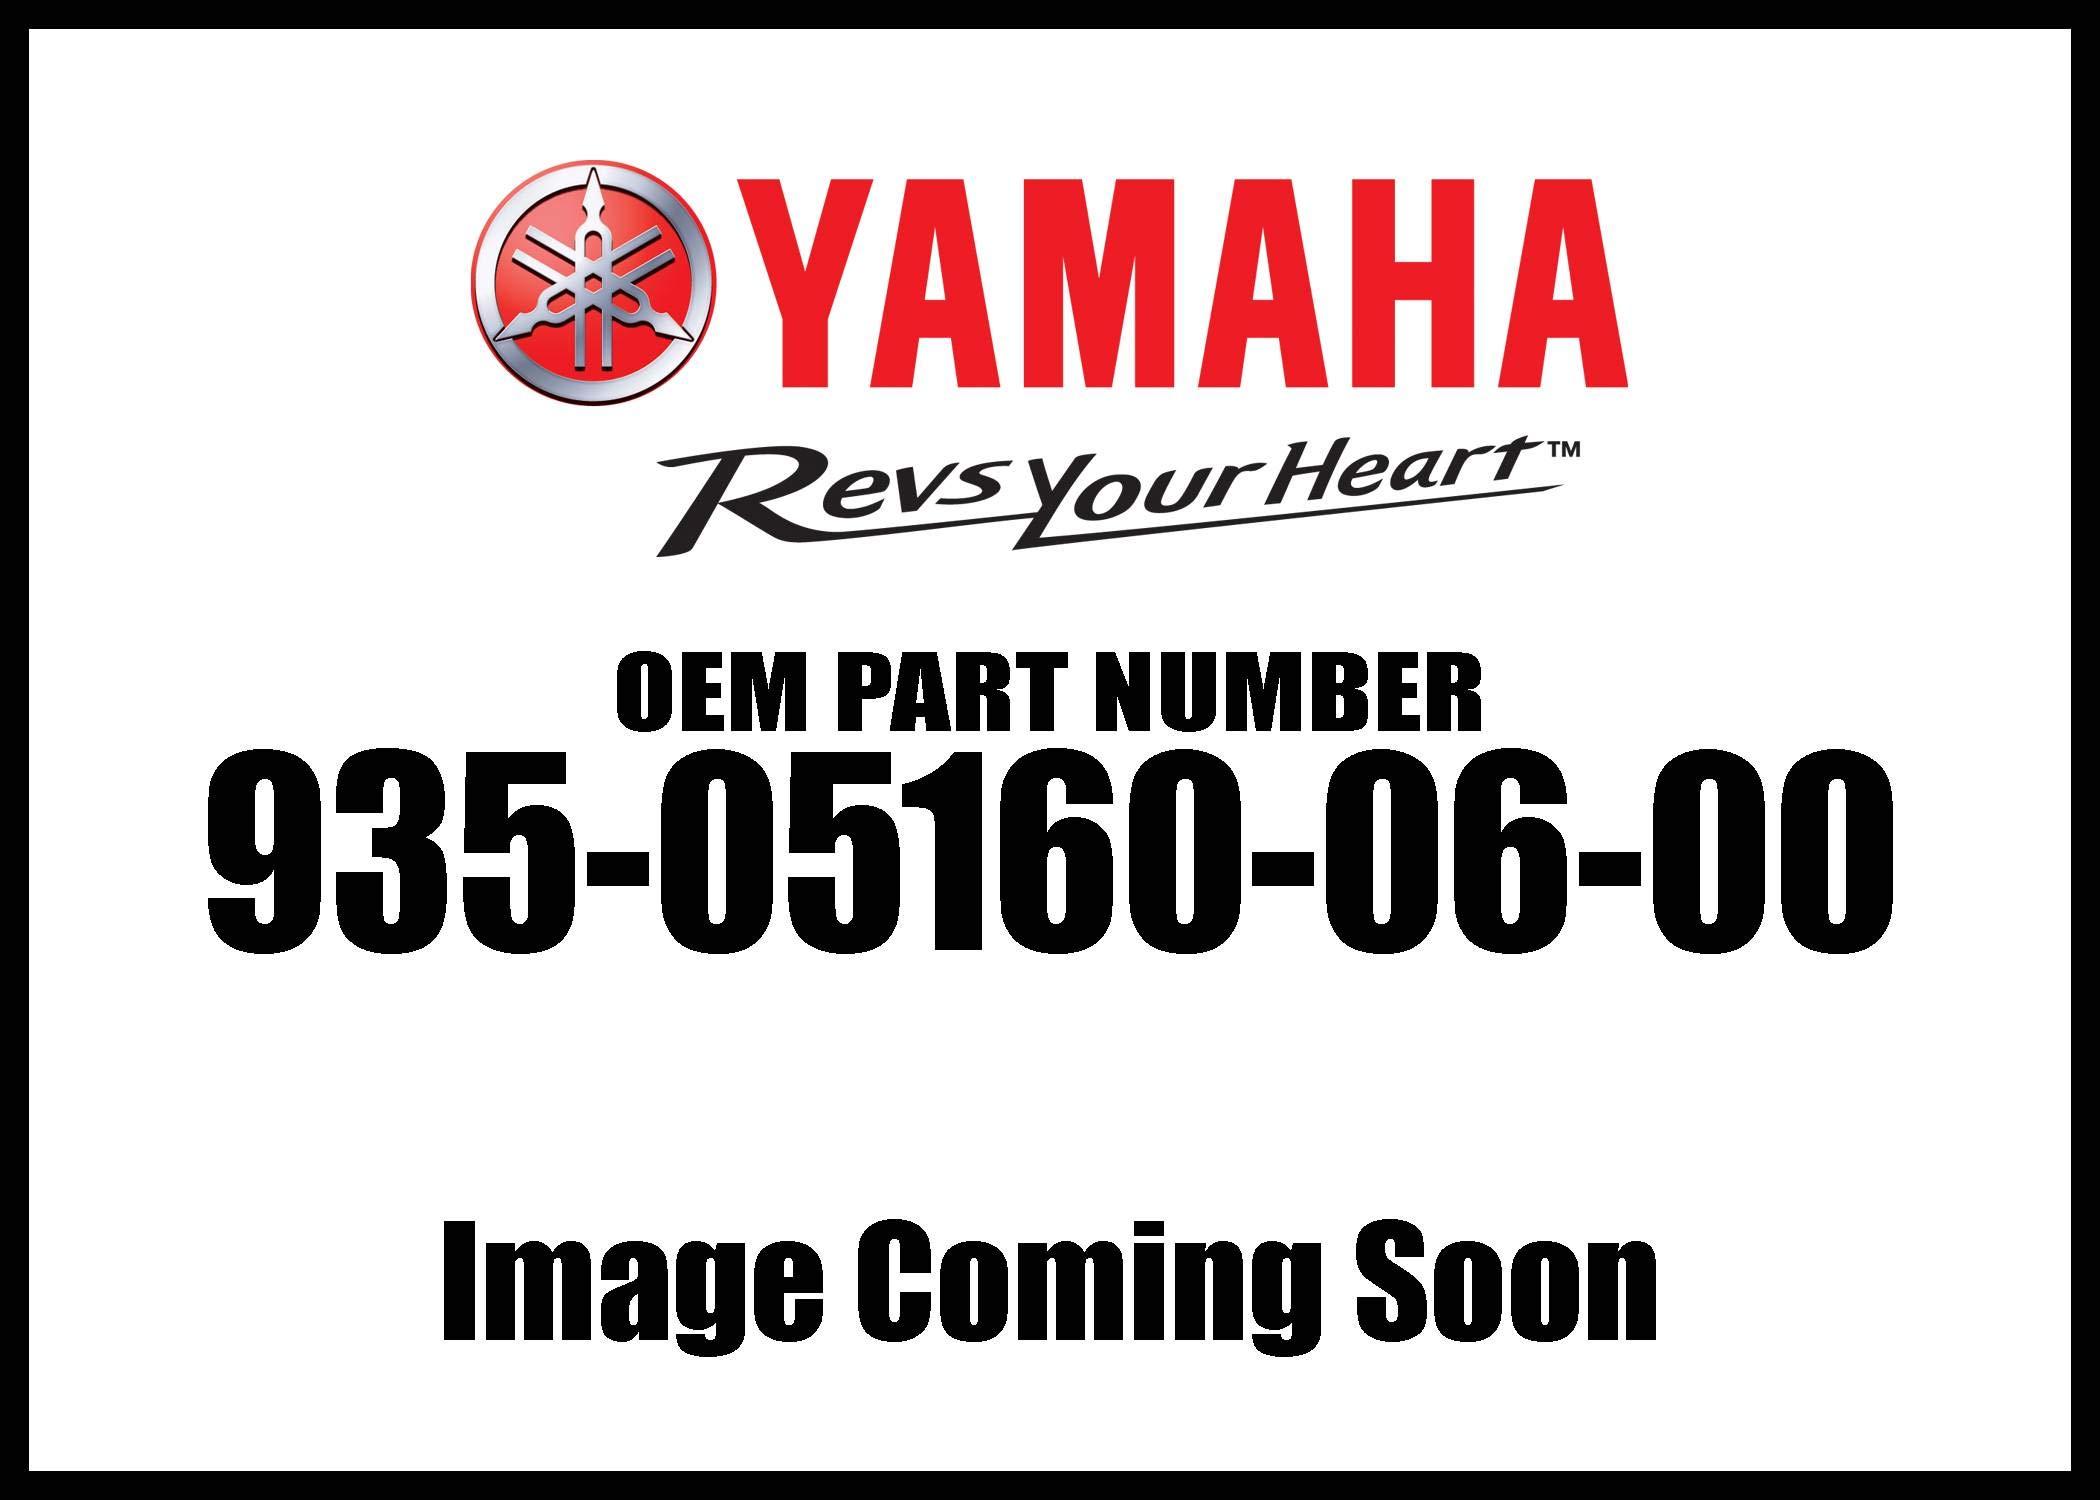 Yamaha 93505-16006-00 BALL 5/16; 935051600600